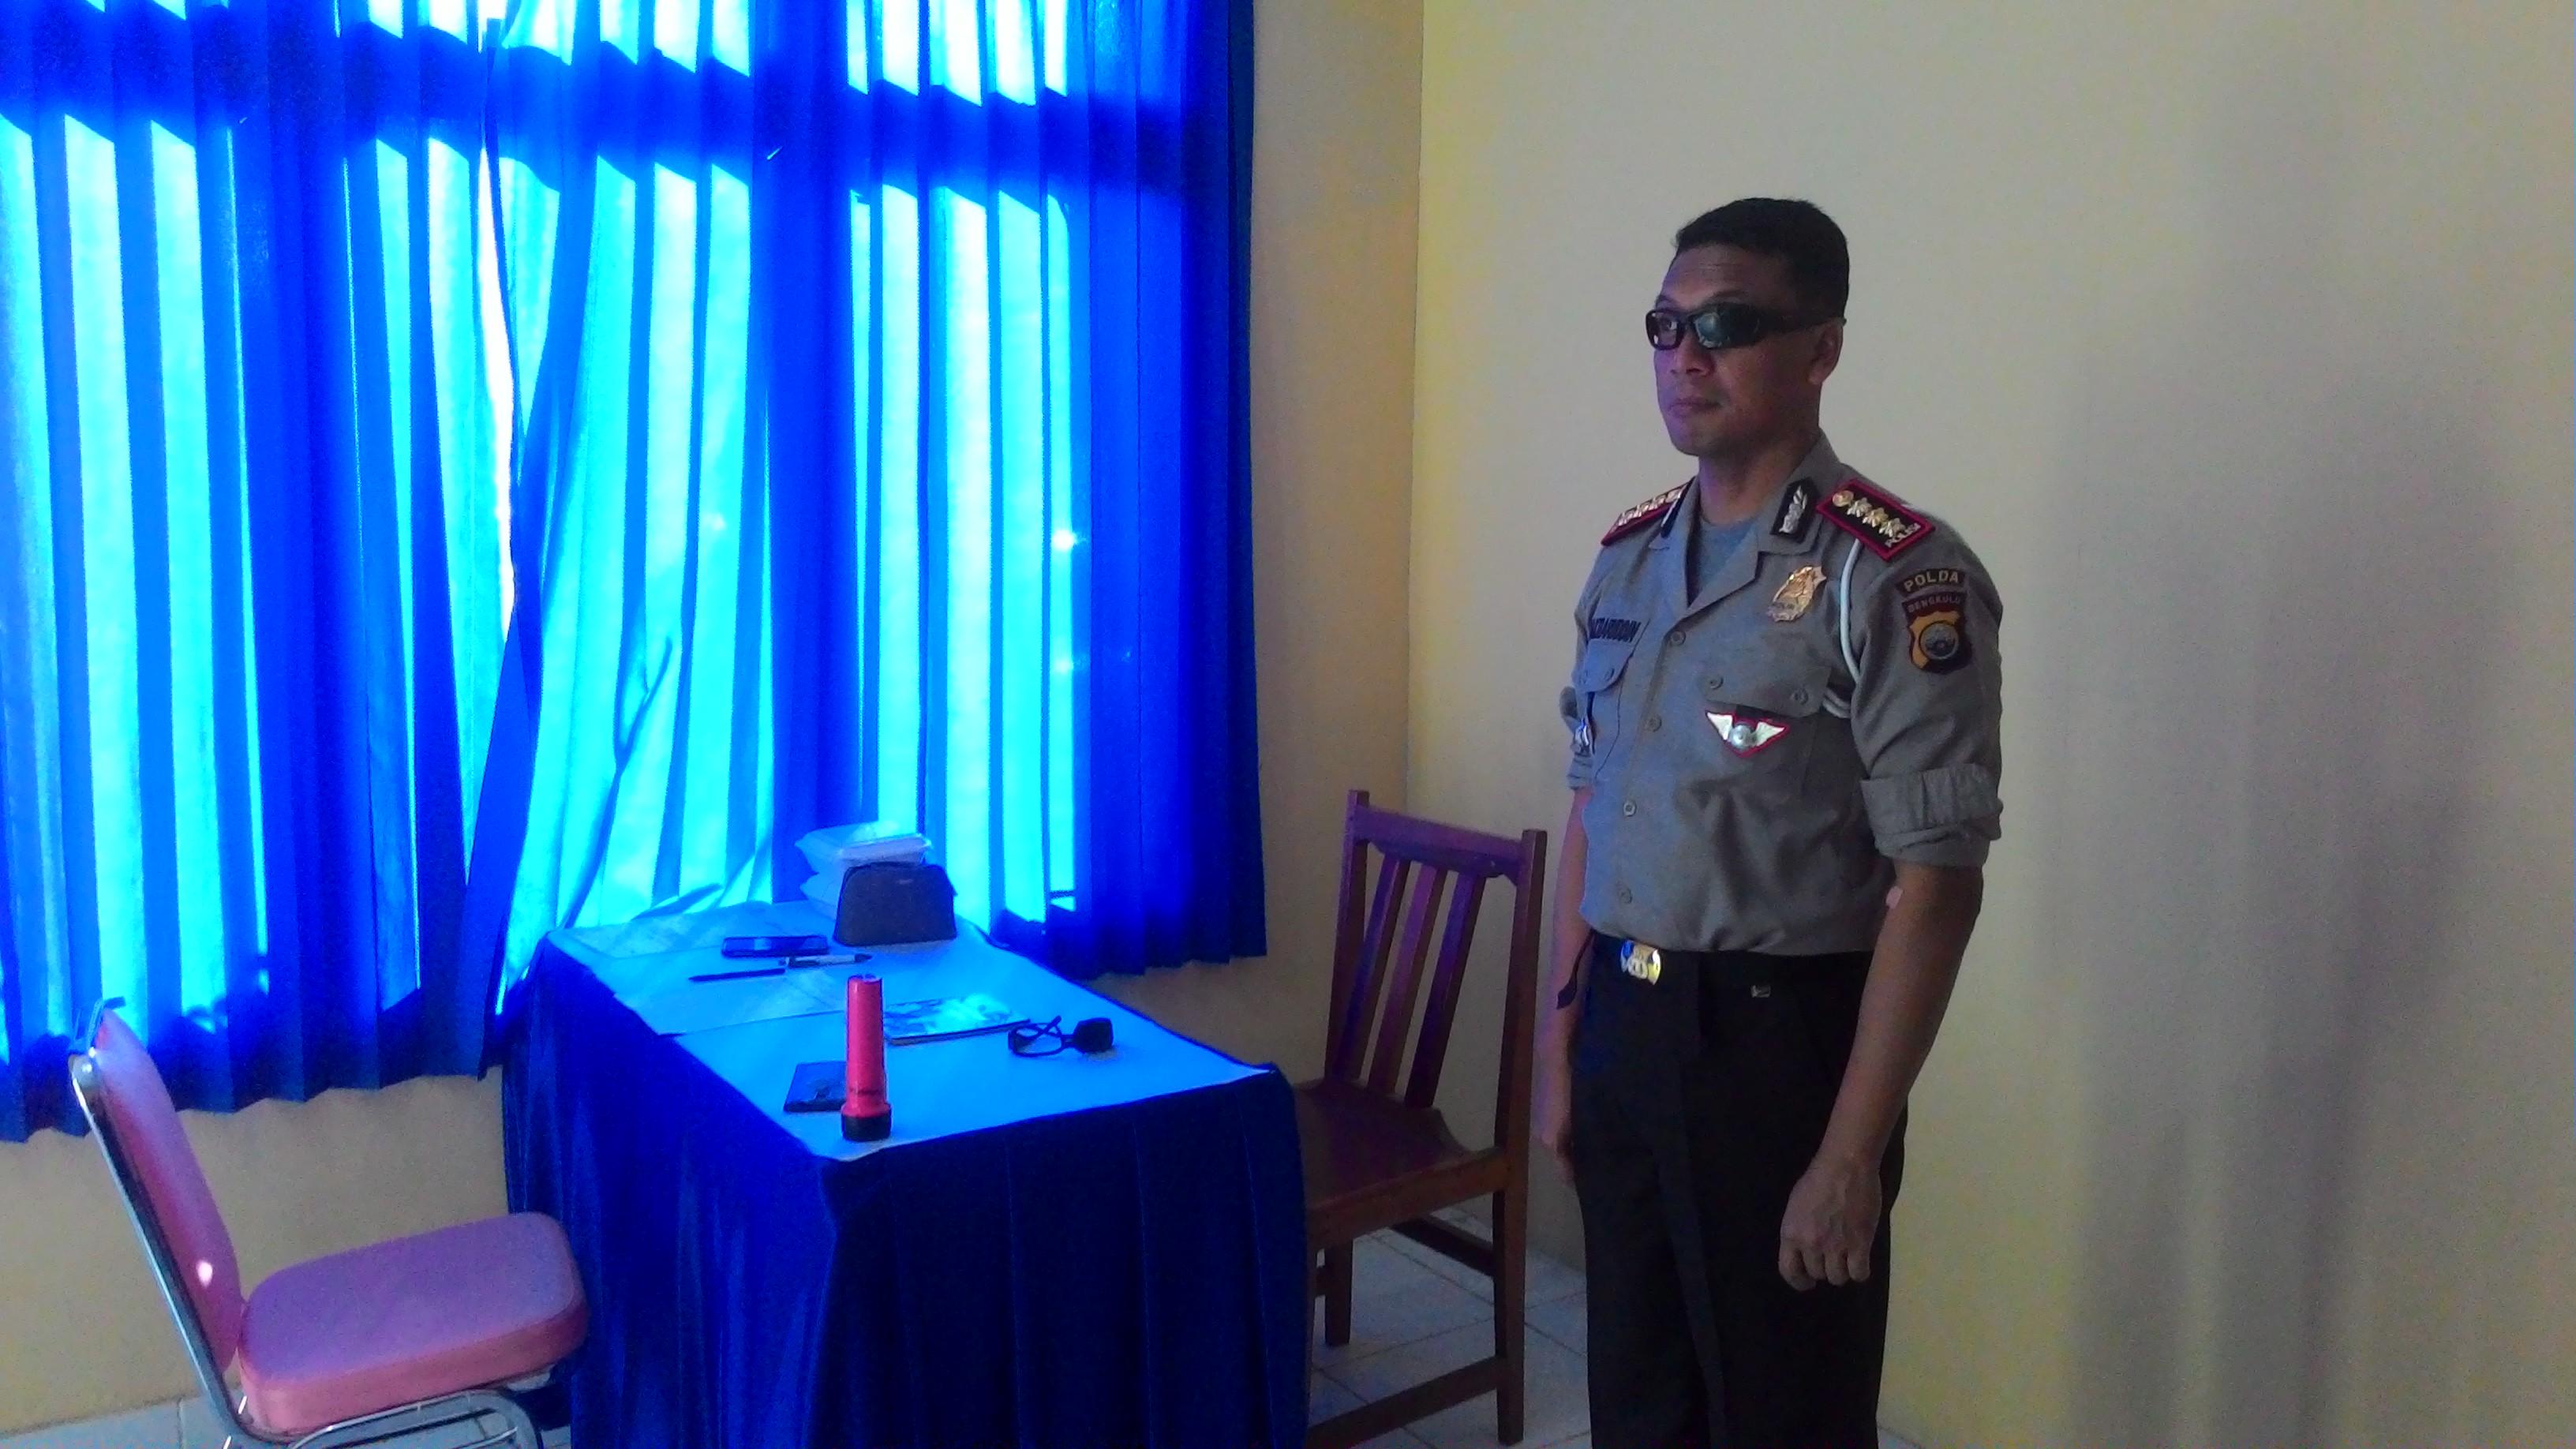 Rikkes Berkala, jaga kesehatan anggota Polda Bengkulu